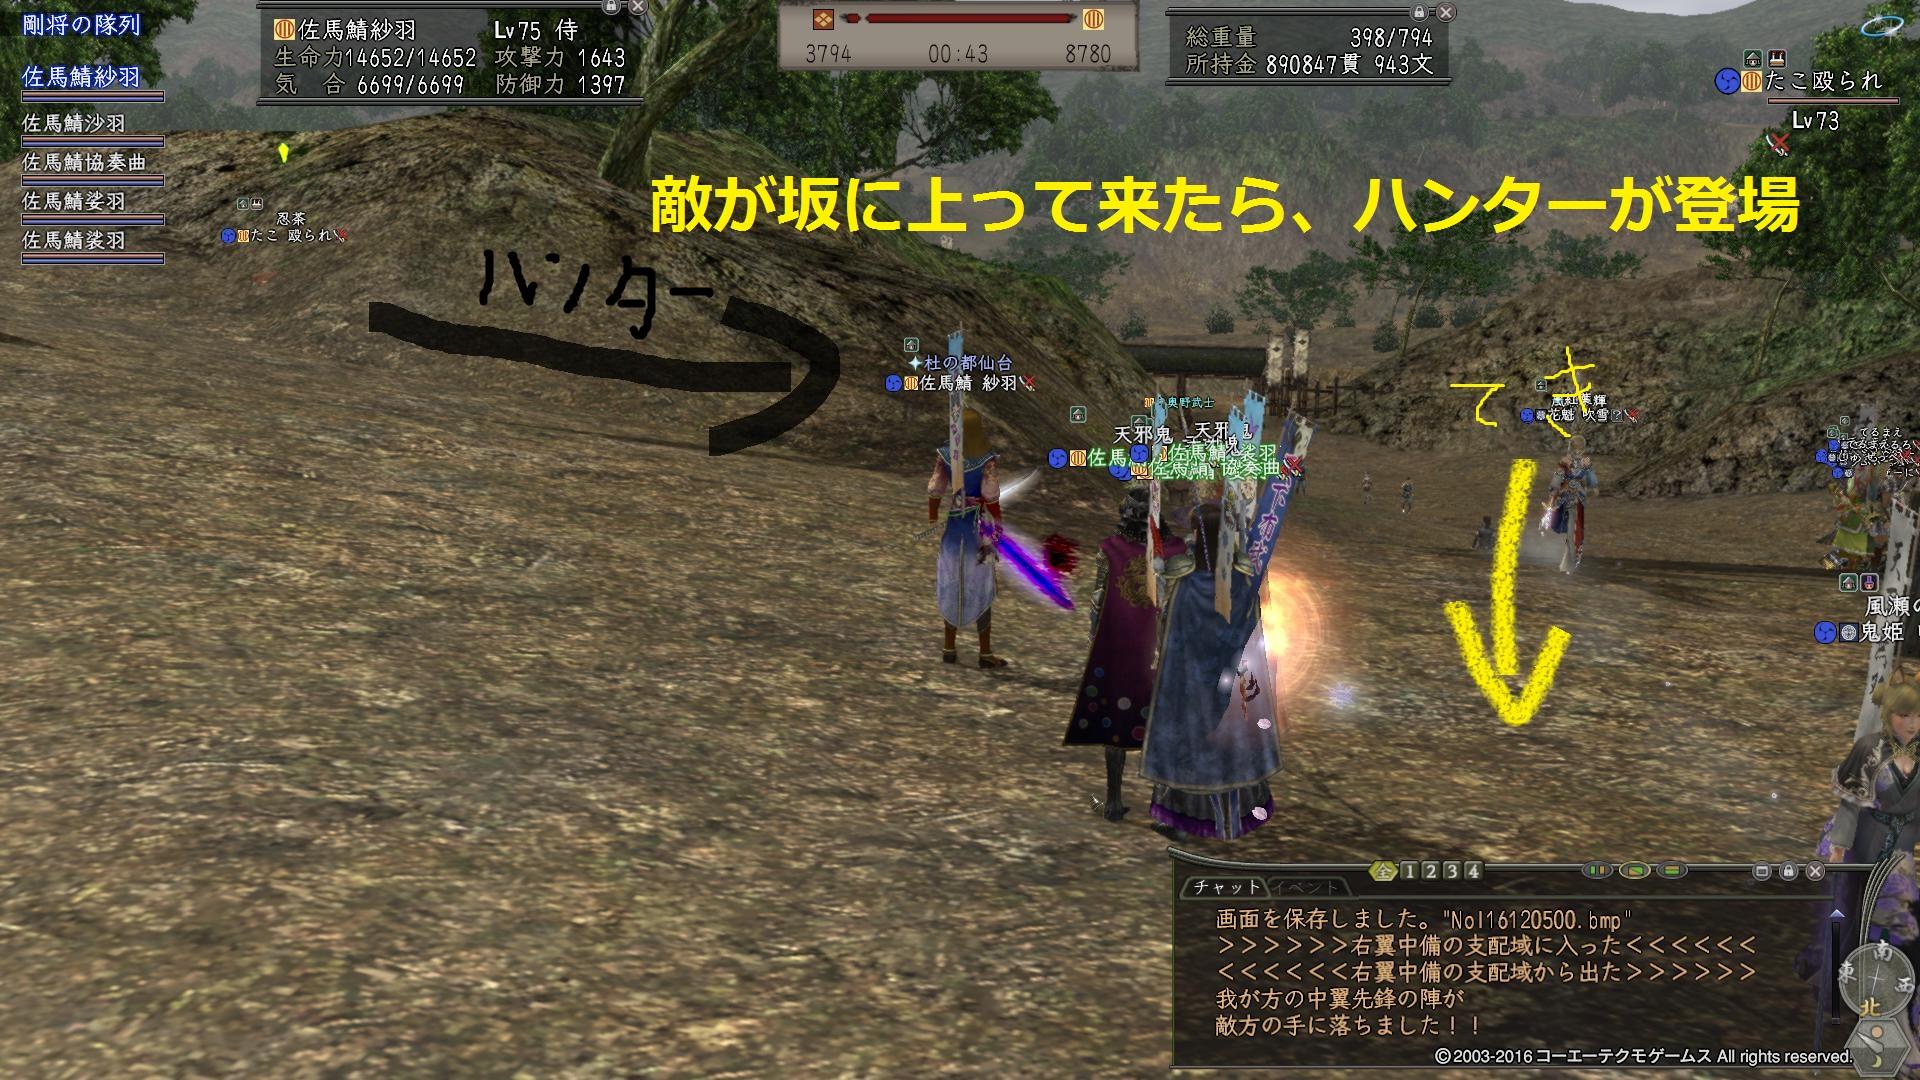 Nol16120501.jpg